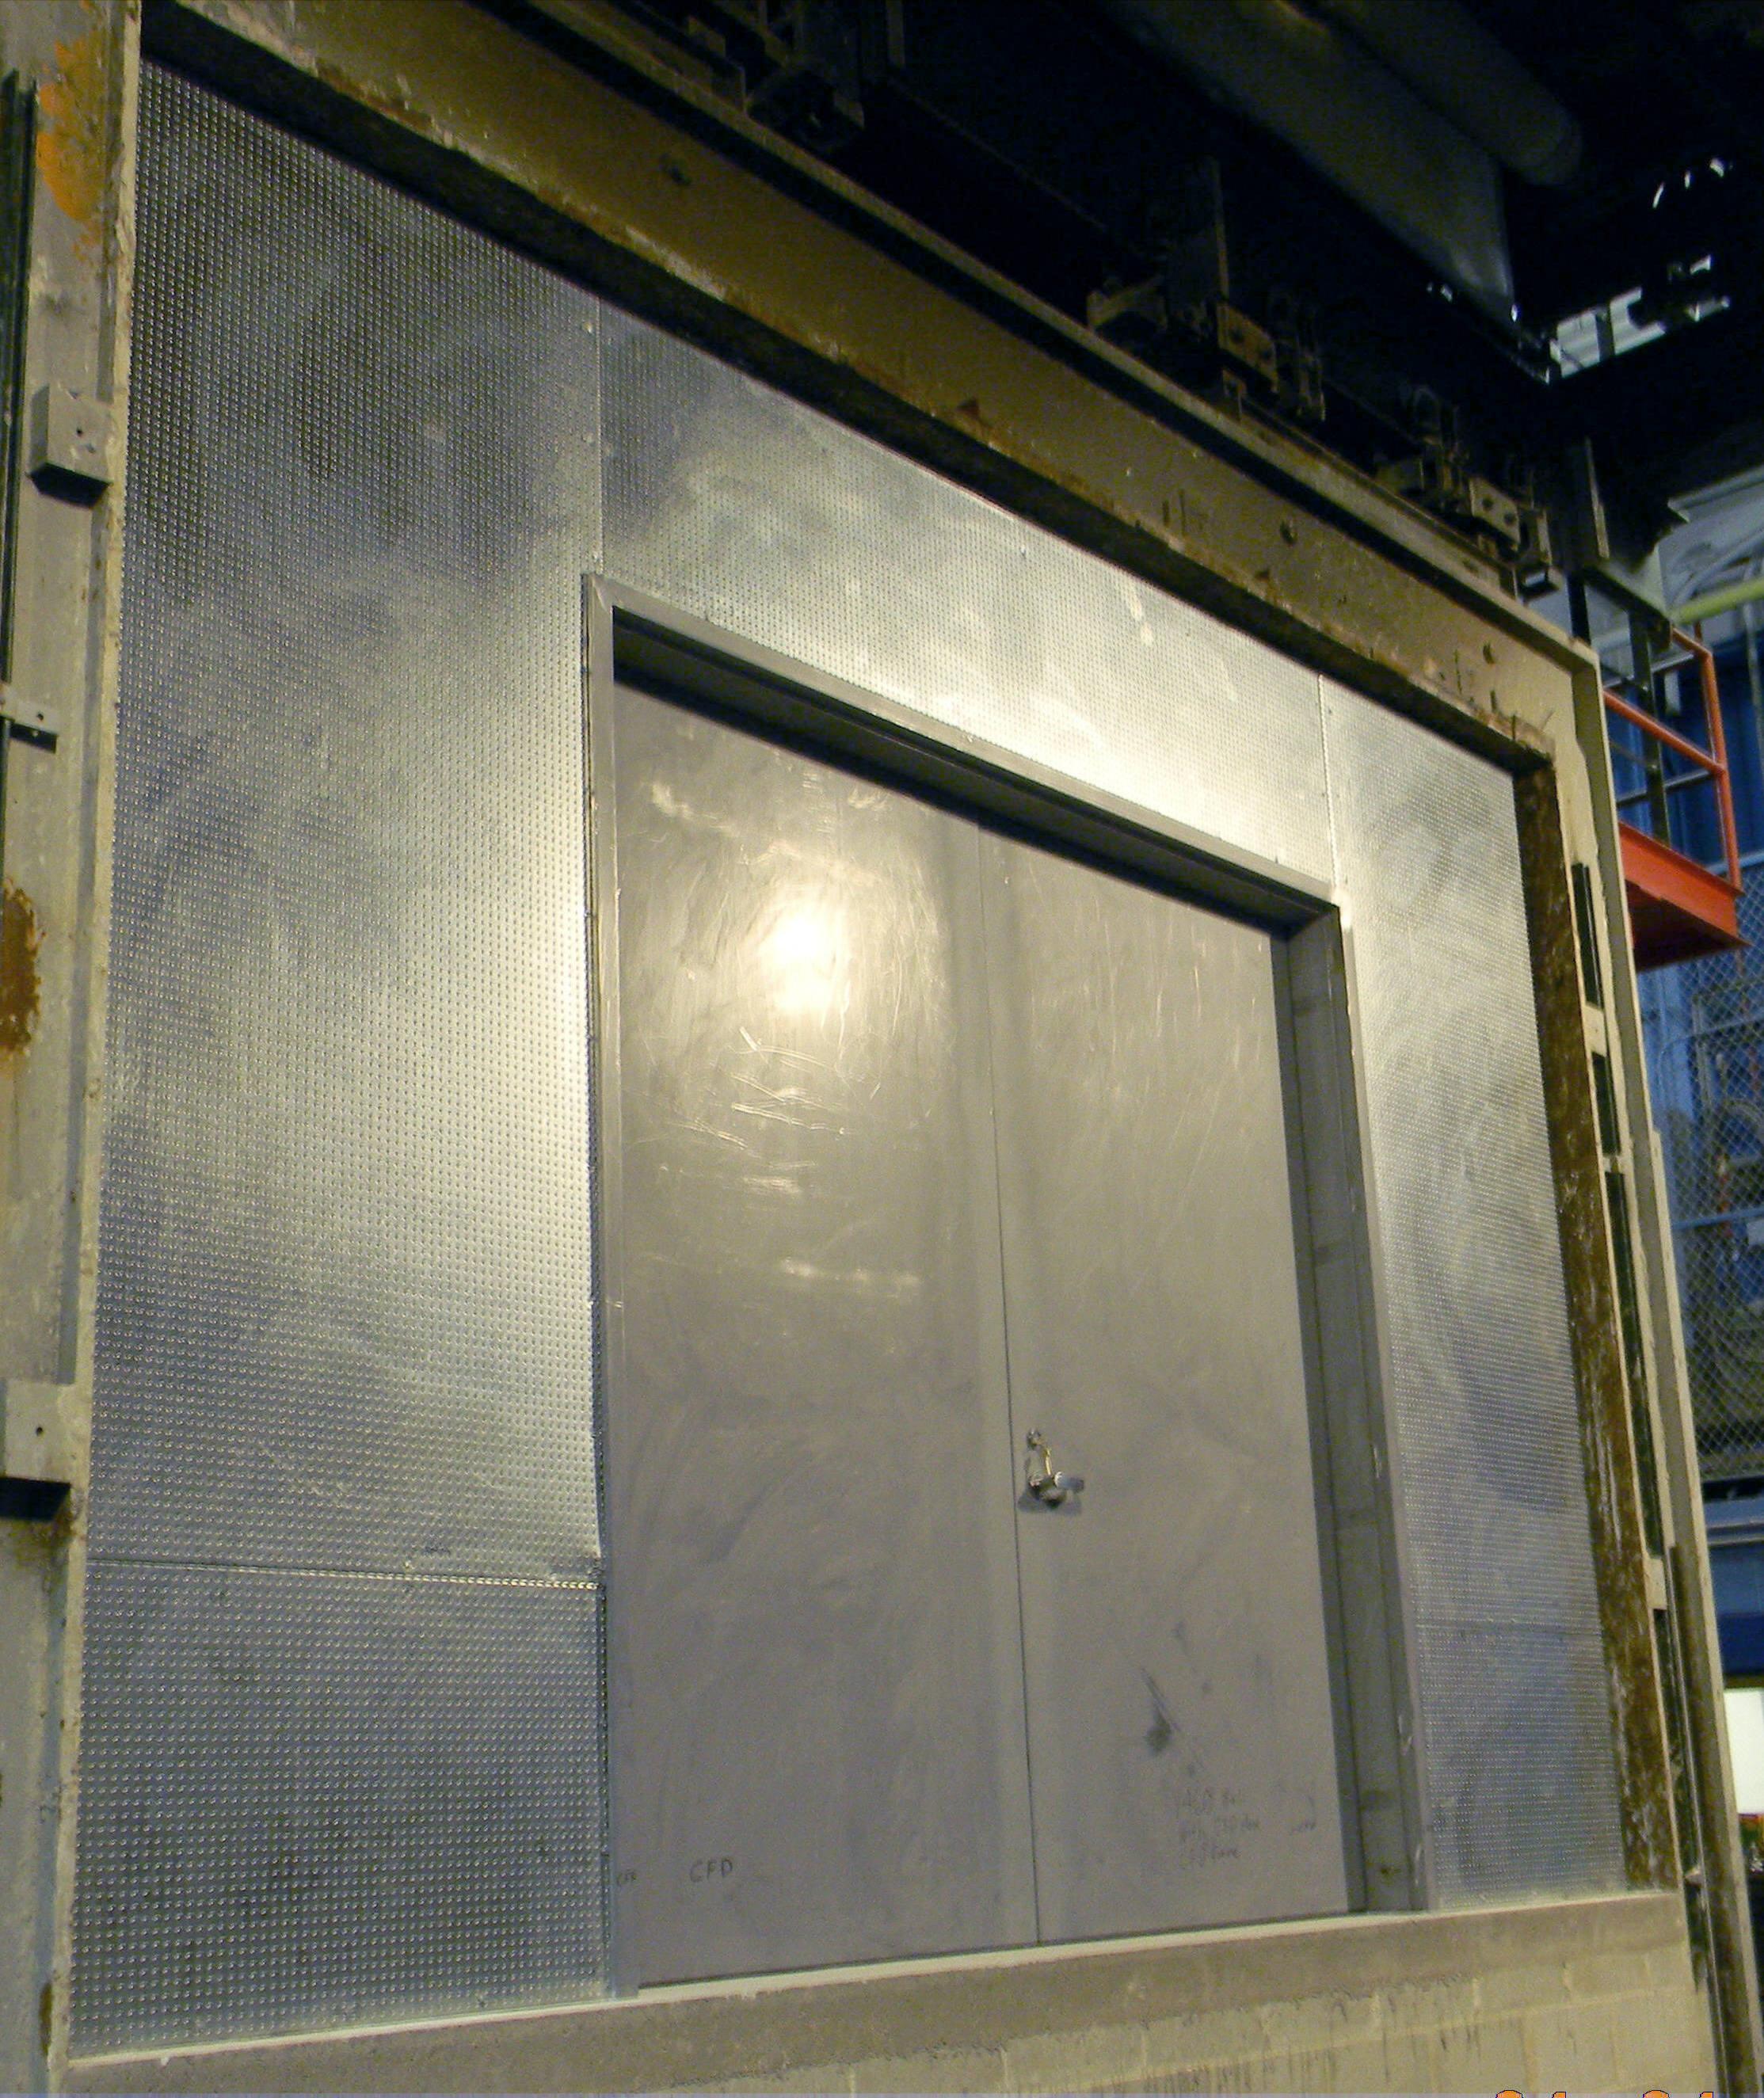 File 3hr cfd double door inside v460 durasteel for 1 5 hr fire rated door